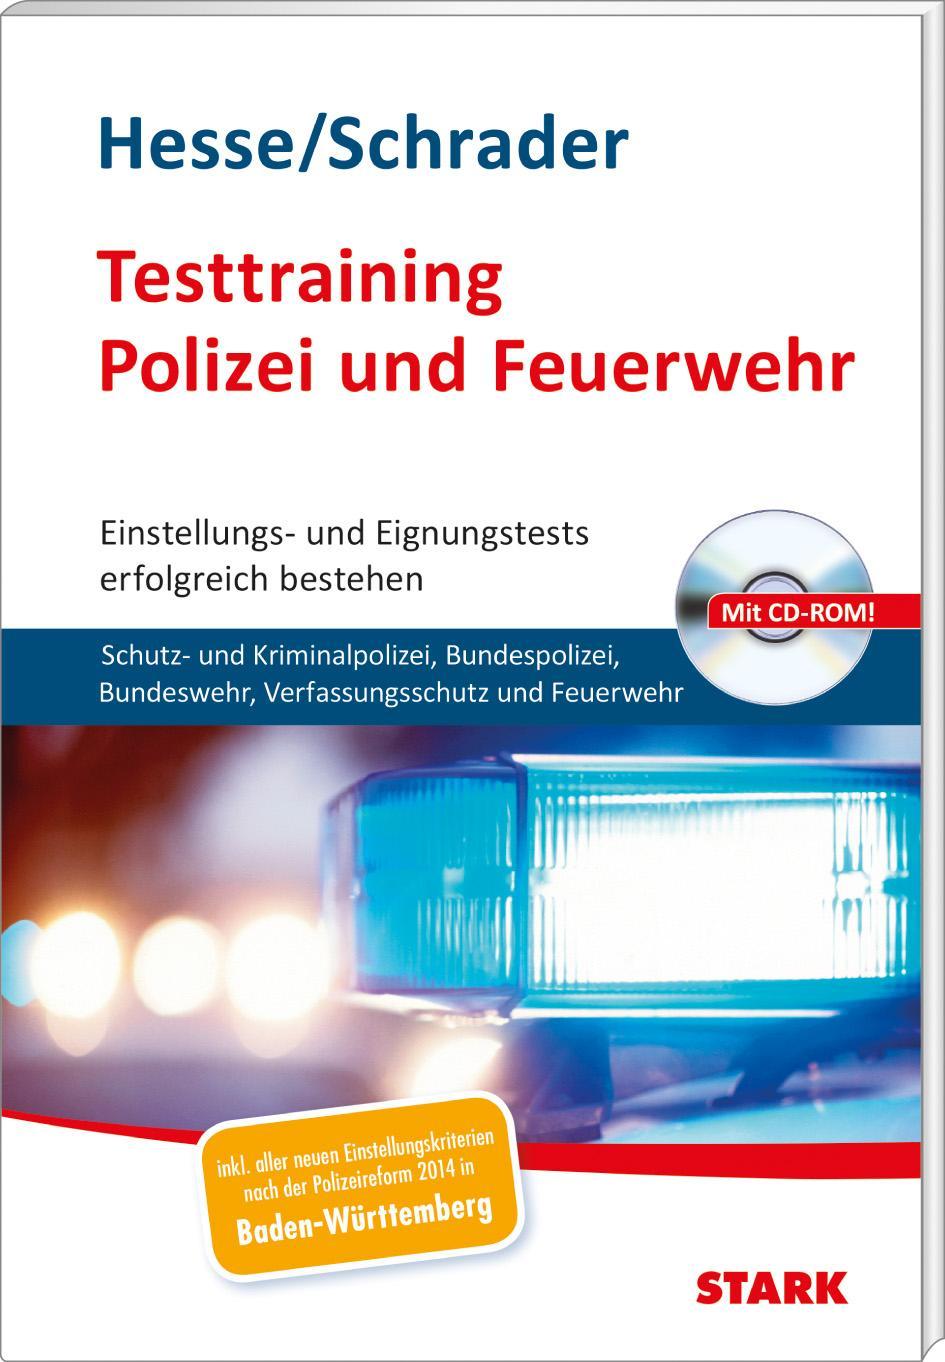 hesseschrader testtraining polizei und feuerwehr - Bewerbung Berufsfeuerwehr